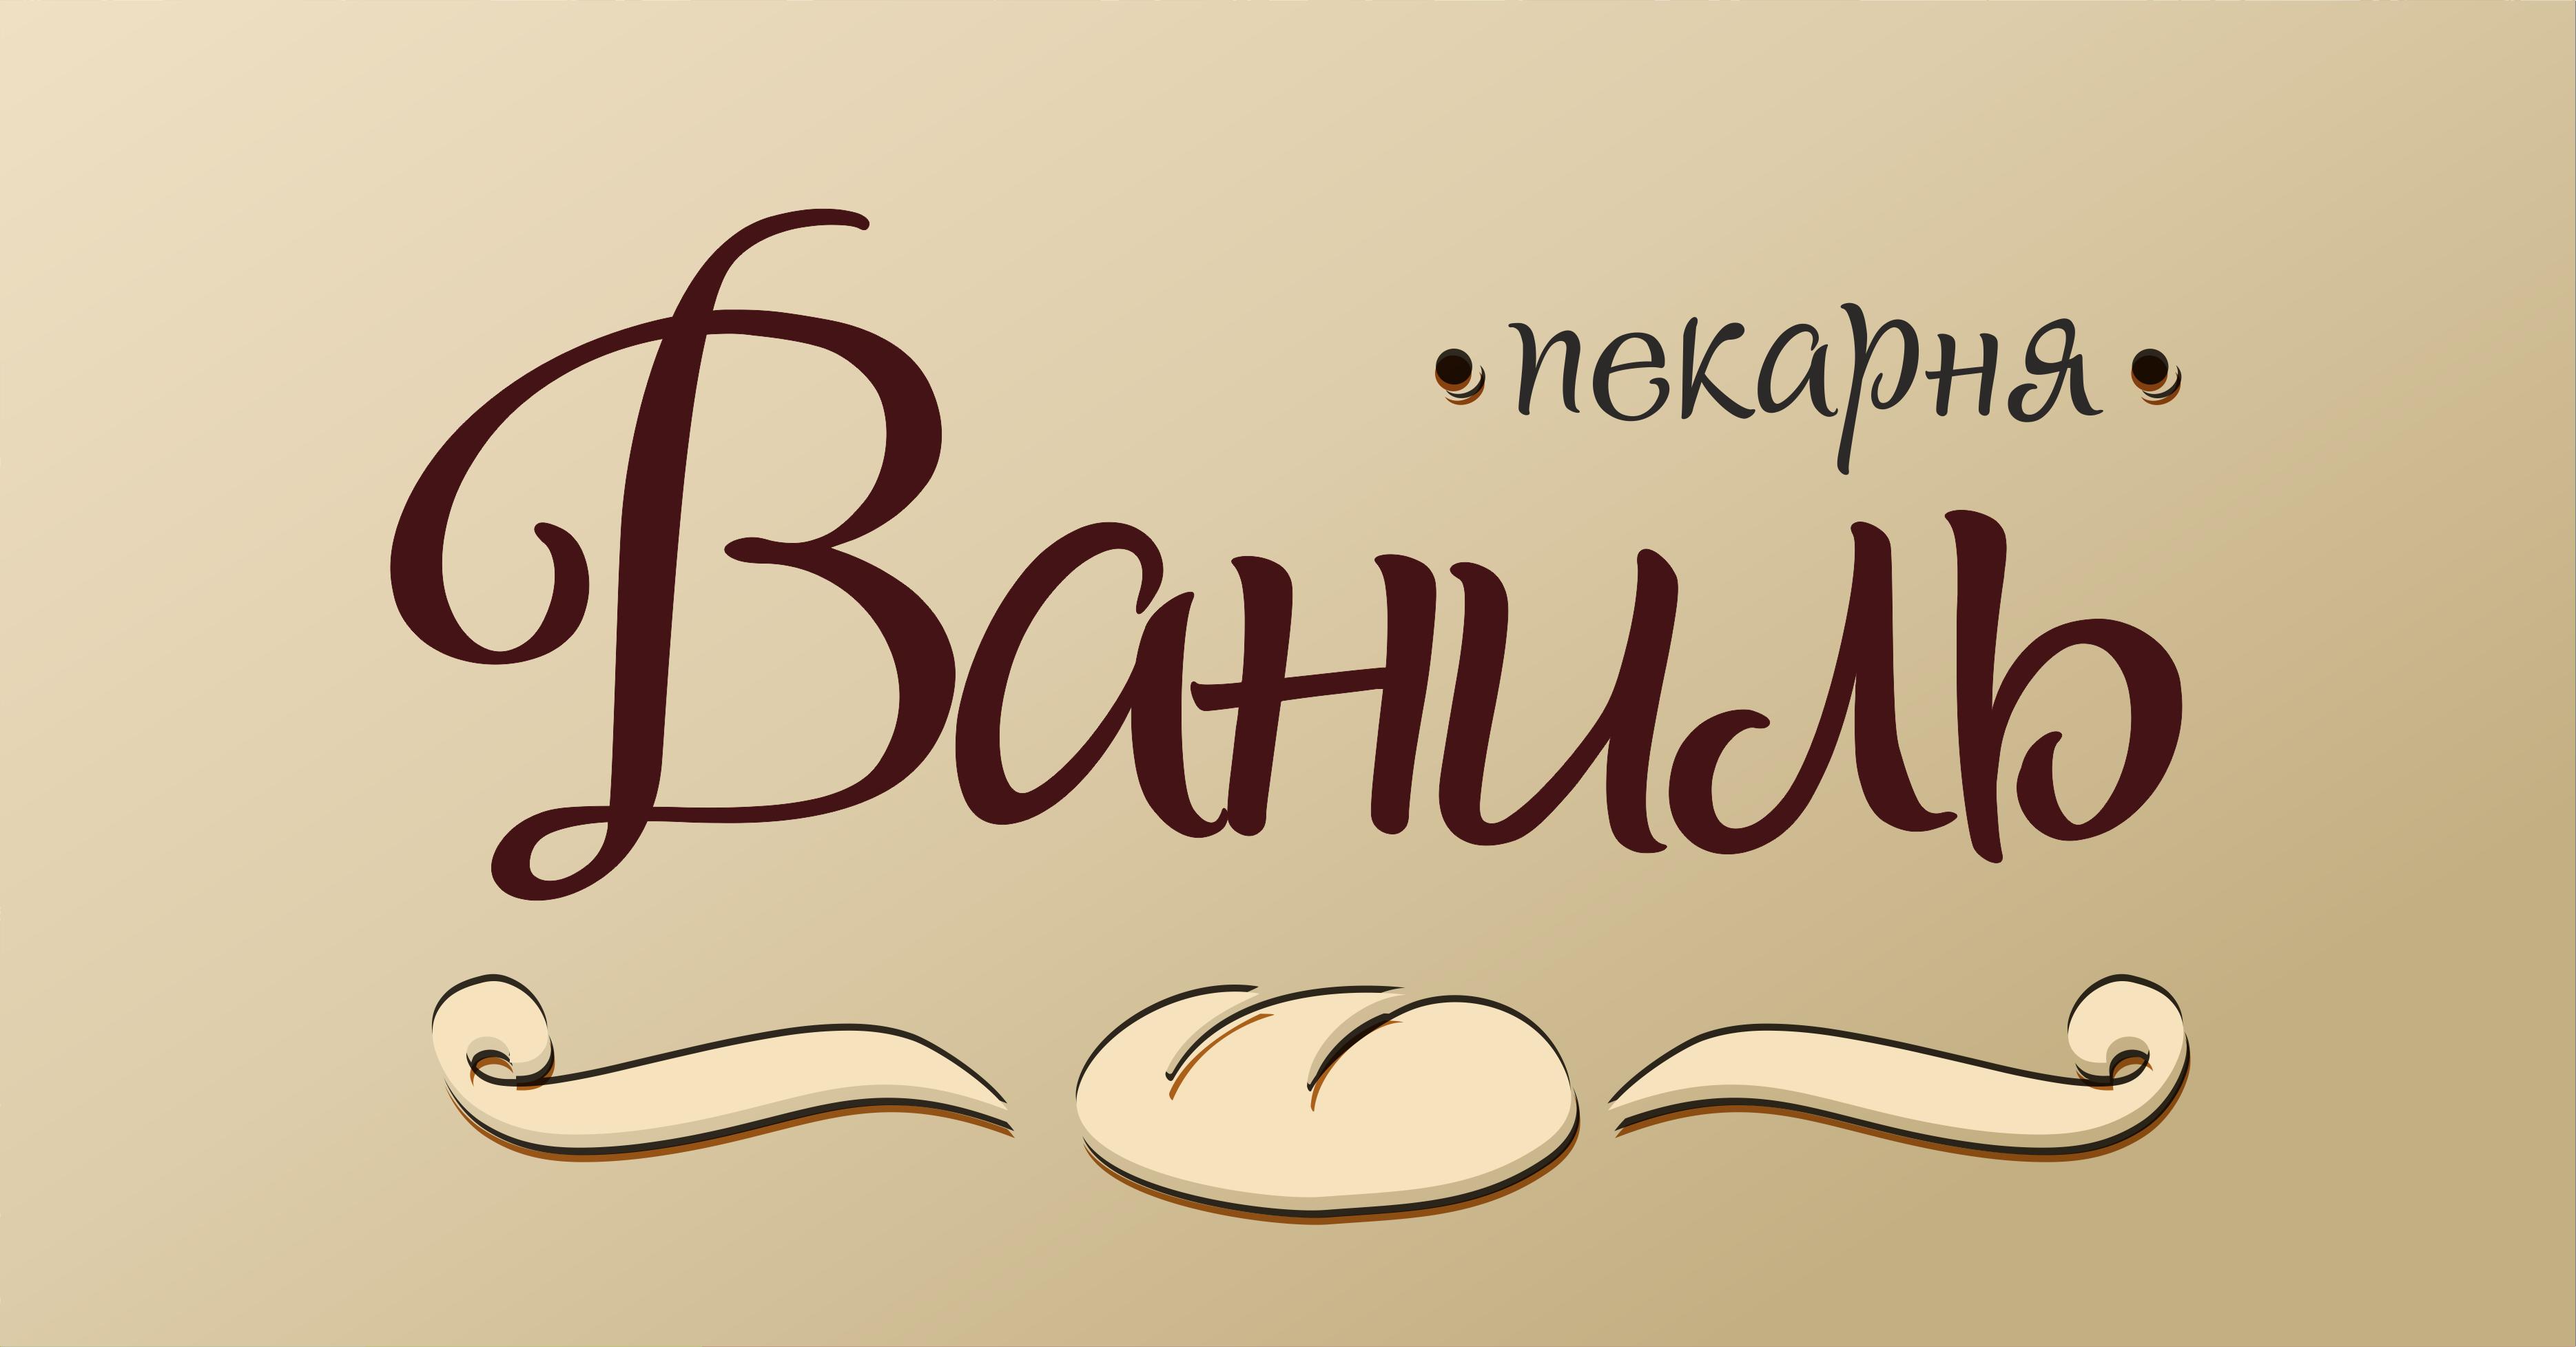 сувениры пекарня картинки с надписью пекарня можно высаживать как